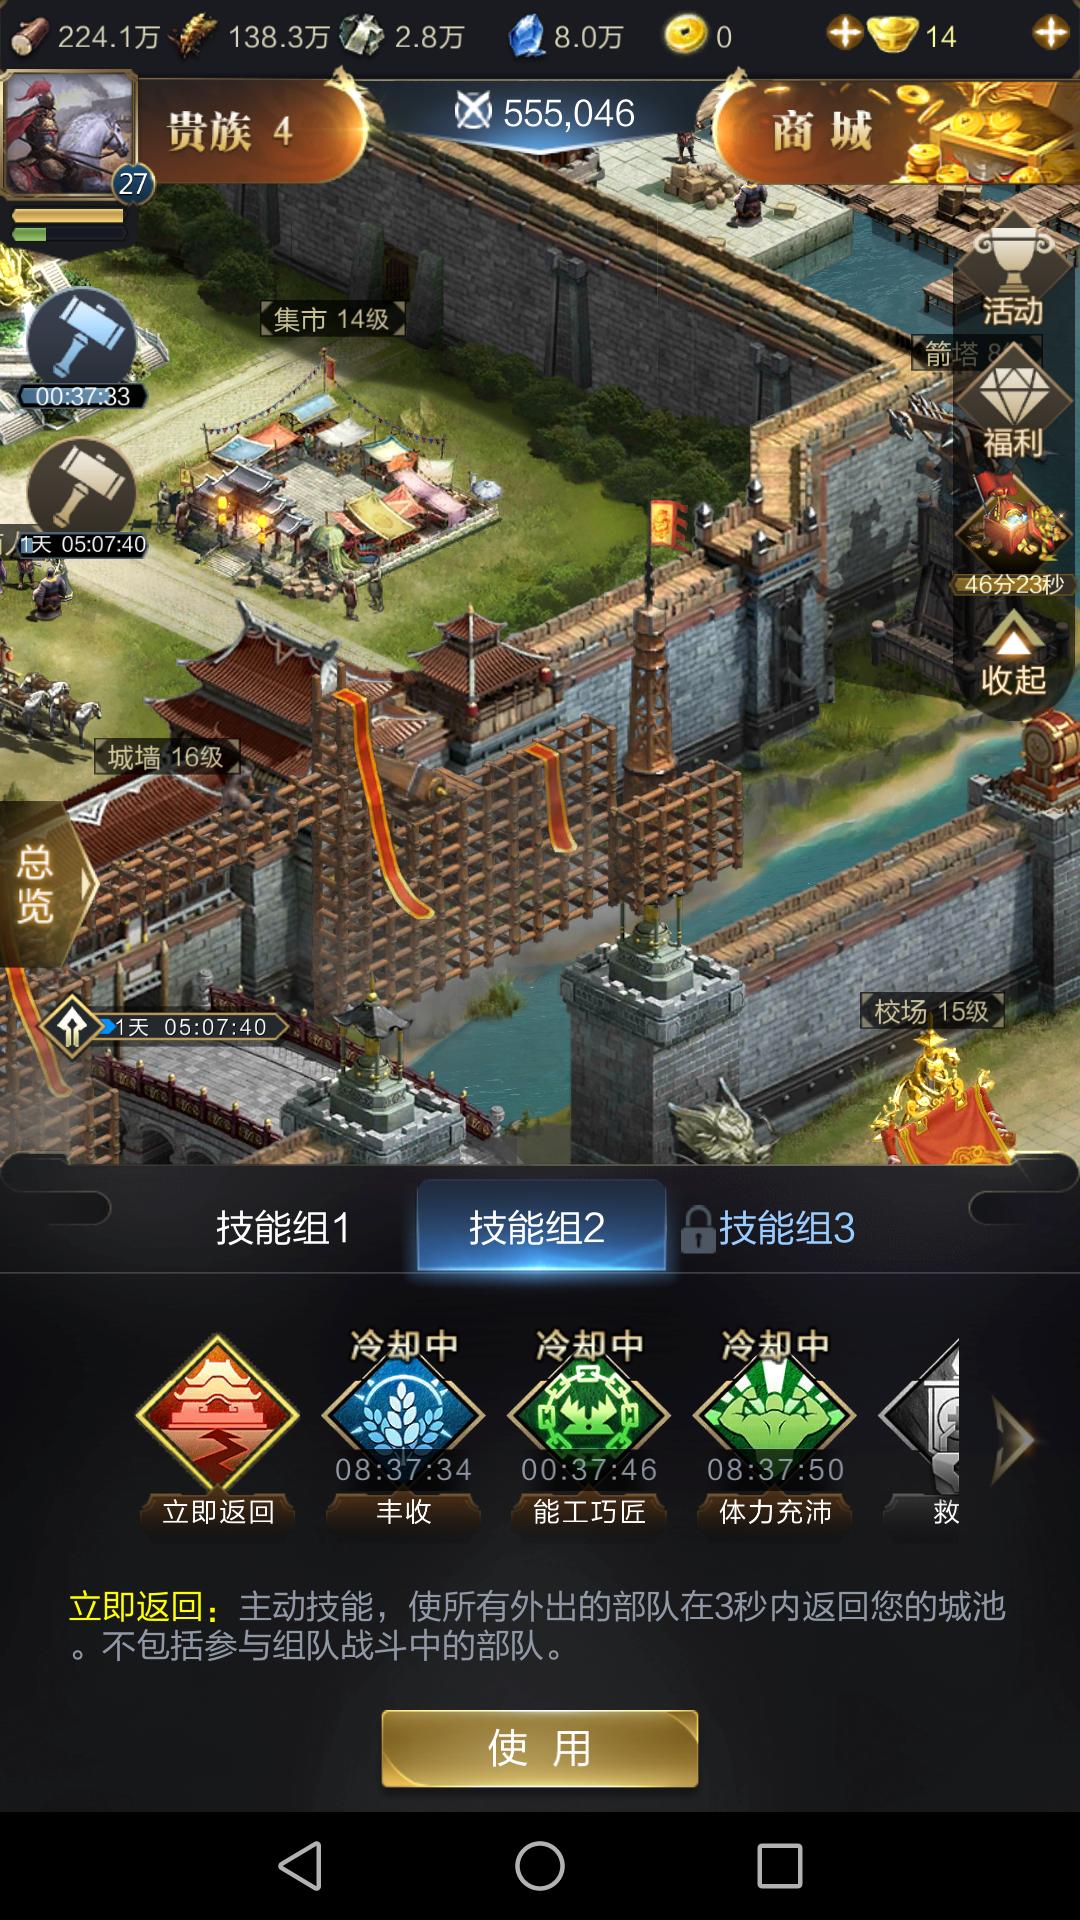 乱世王者三国游戏中的王者-蜂巢网